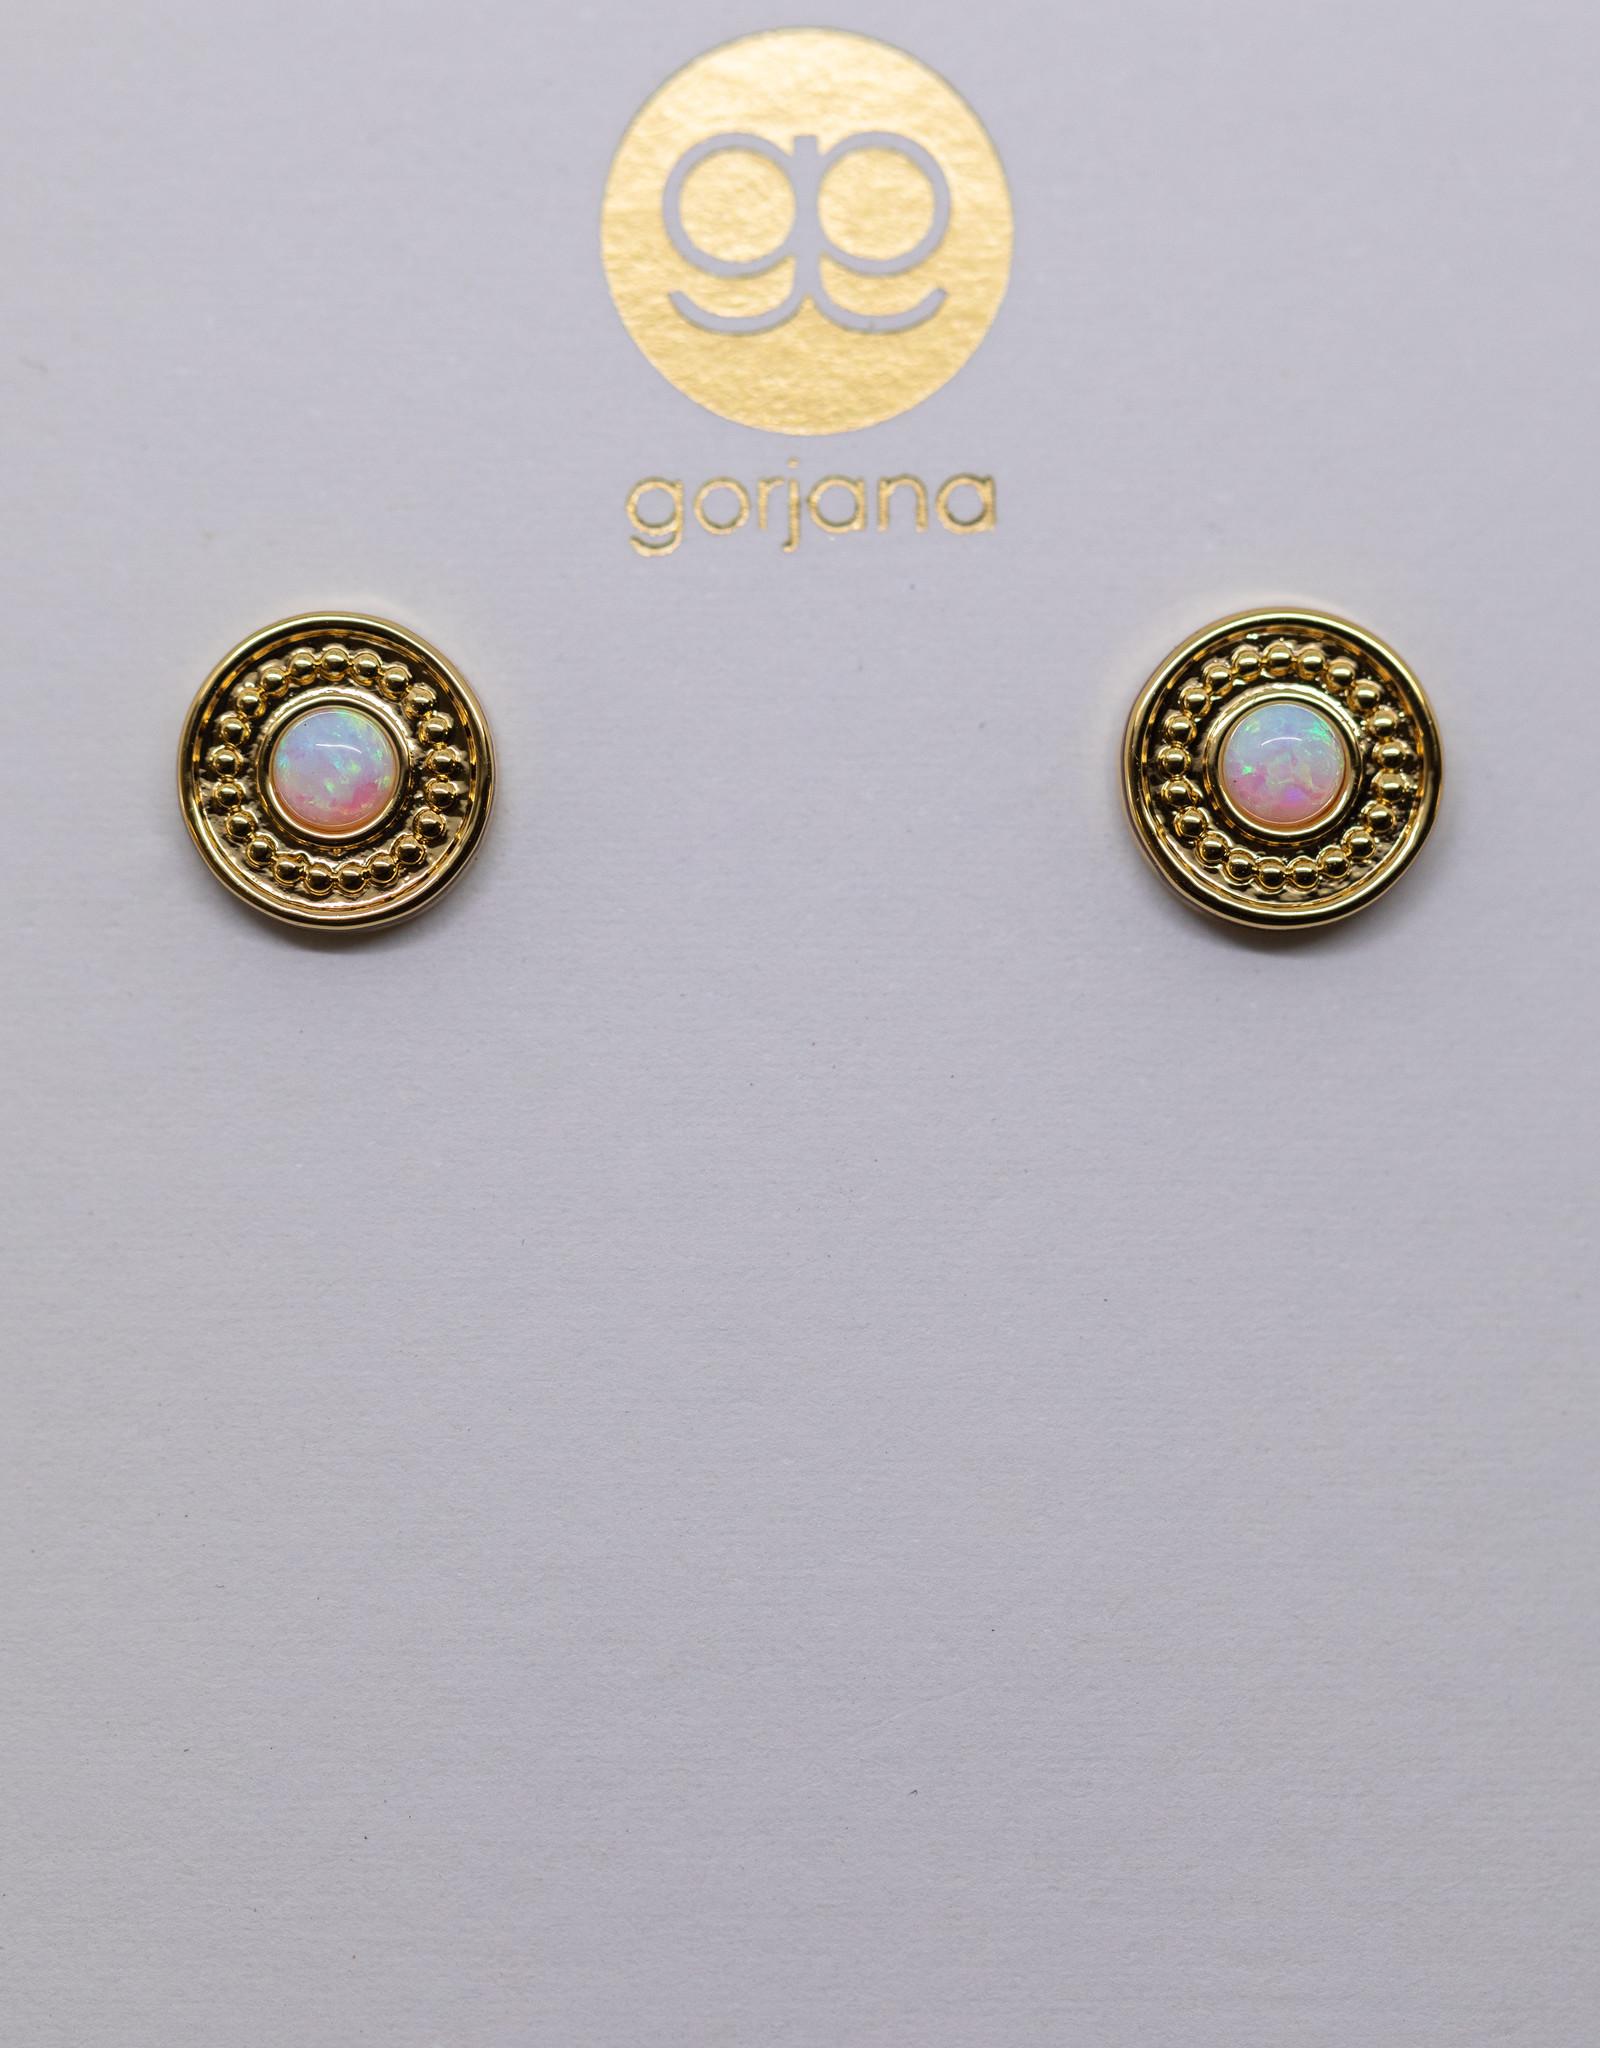 Gorjana Sunburst Coin Studs Gold